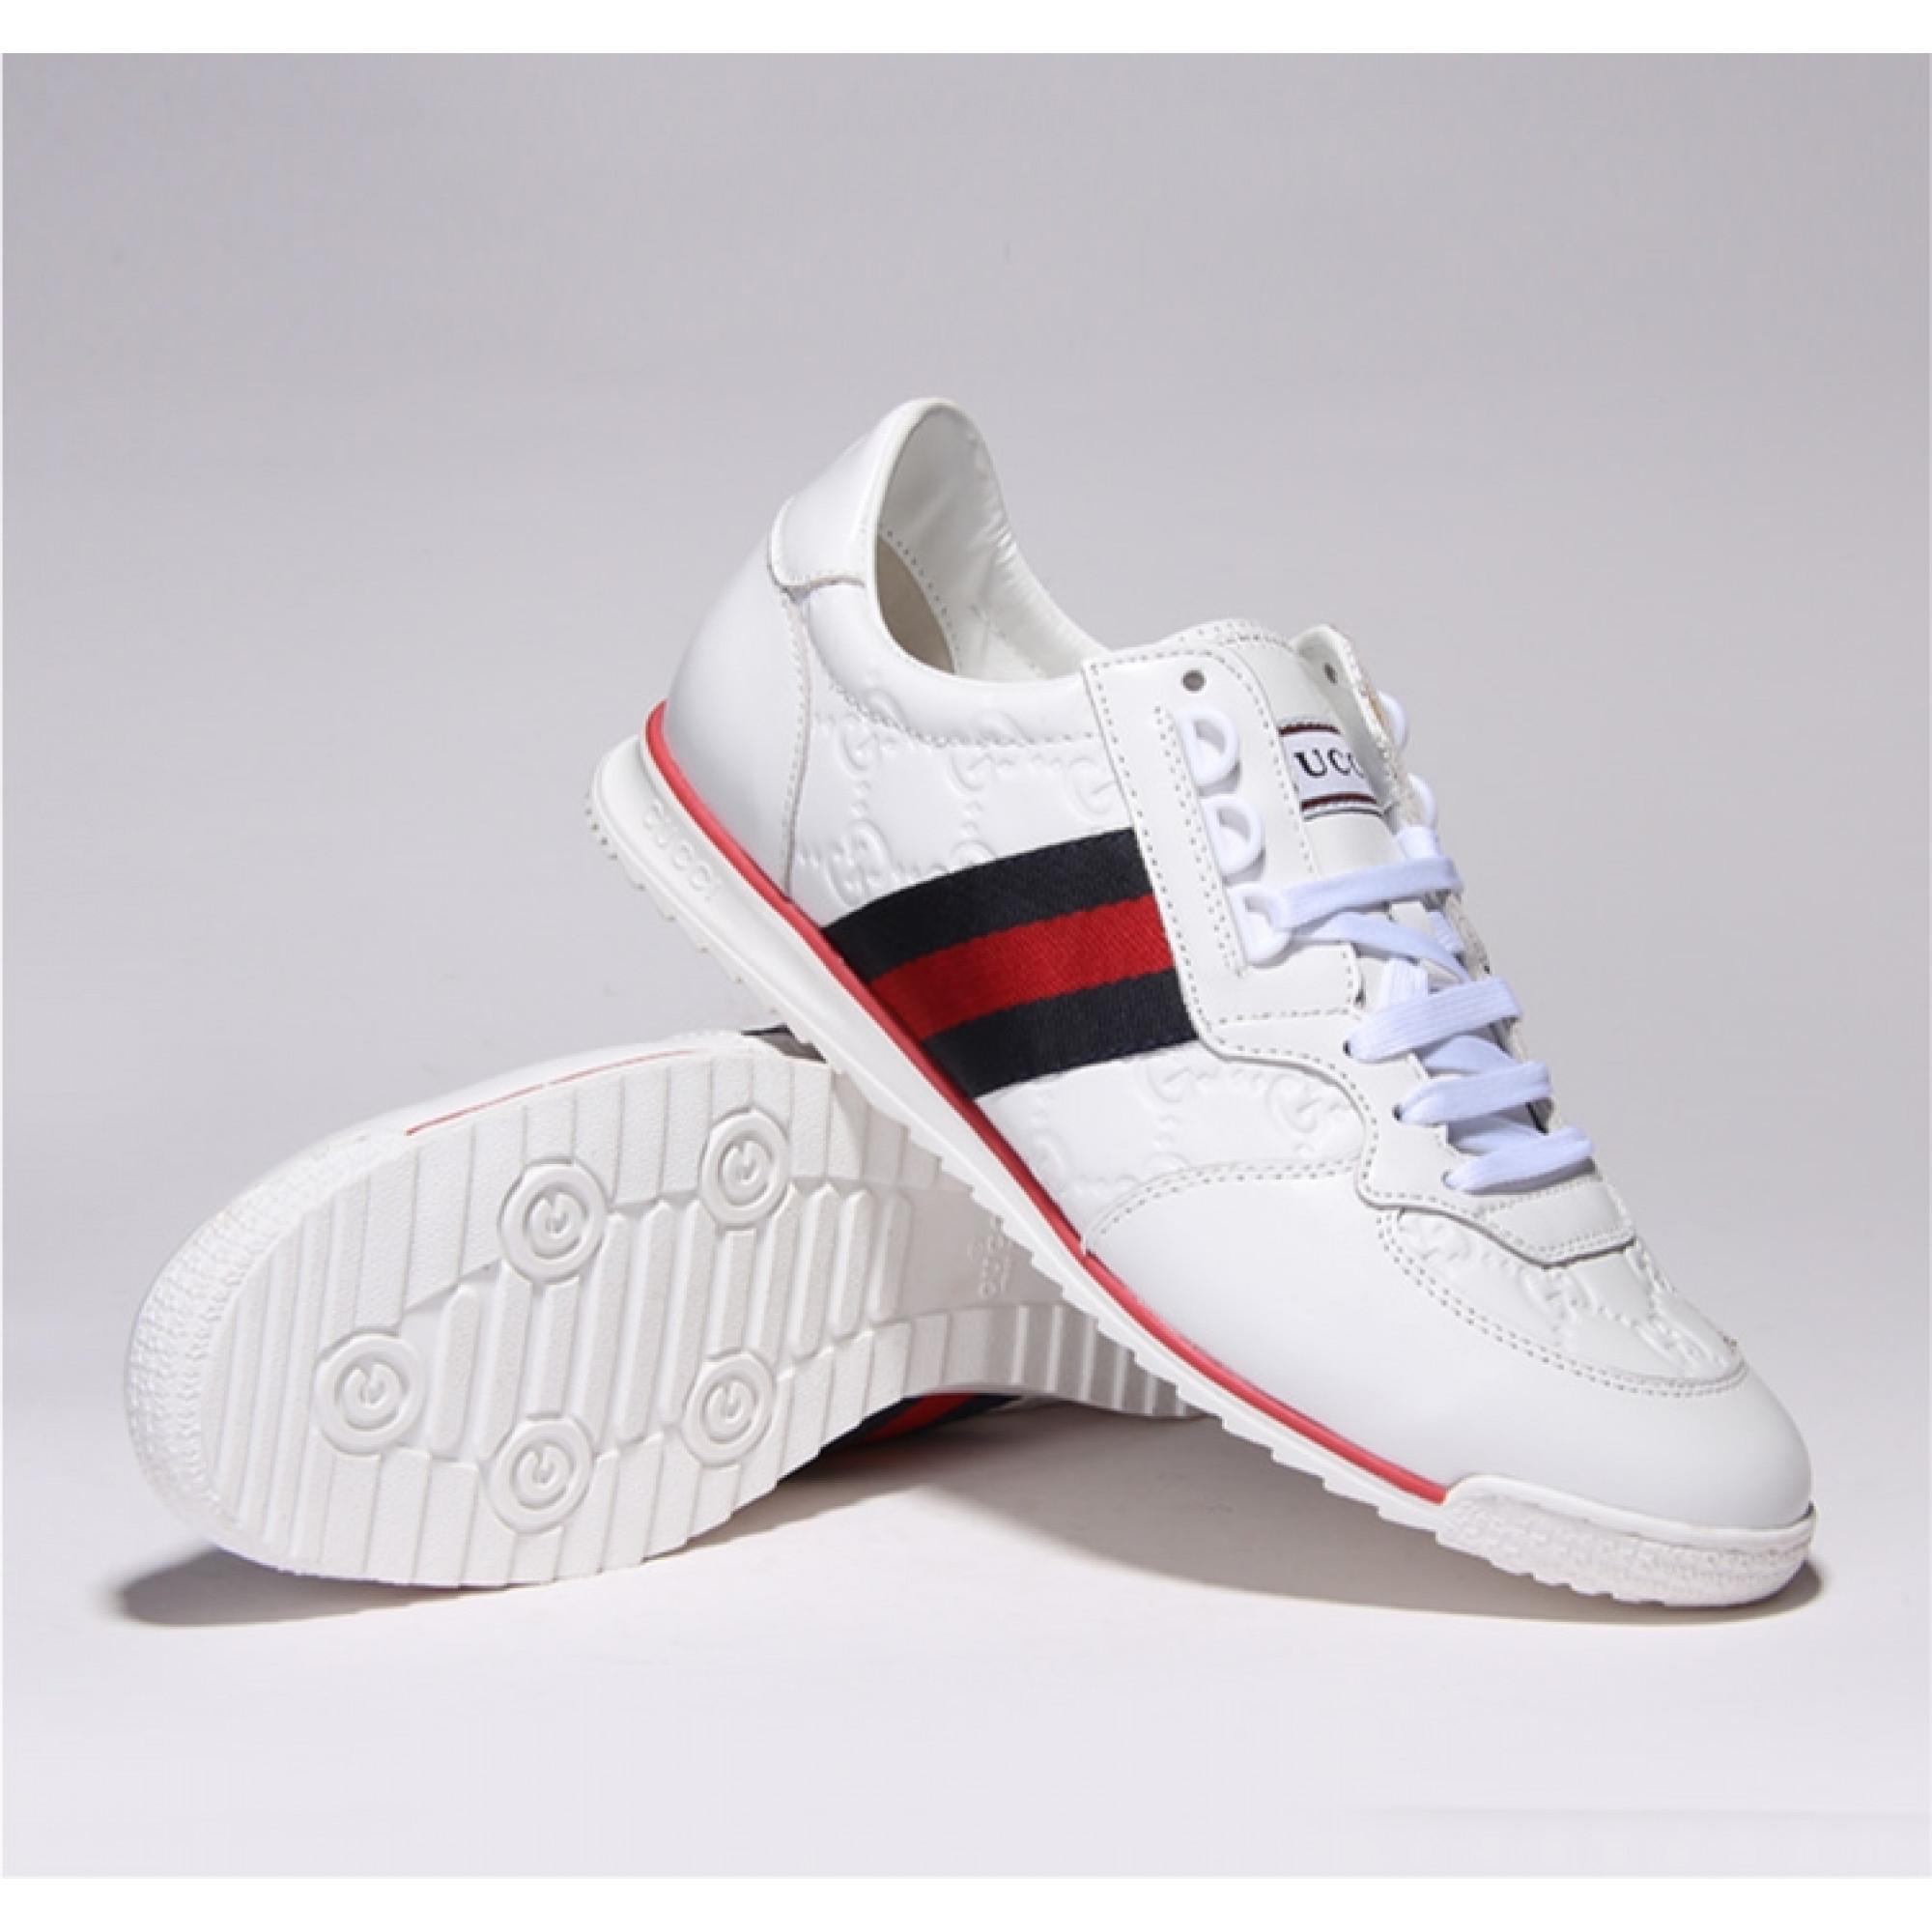 Купить белые мужские кроссовки Gucci — в Киеве, код товара 15390 fabdf31bbd2